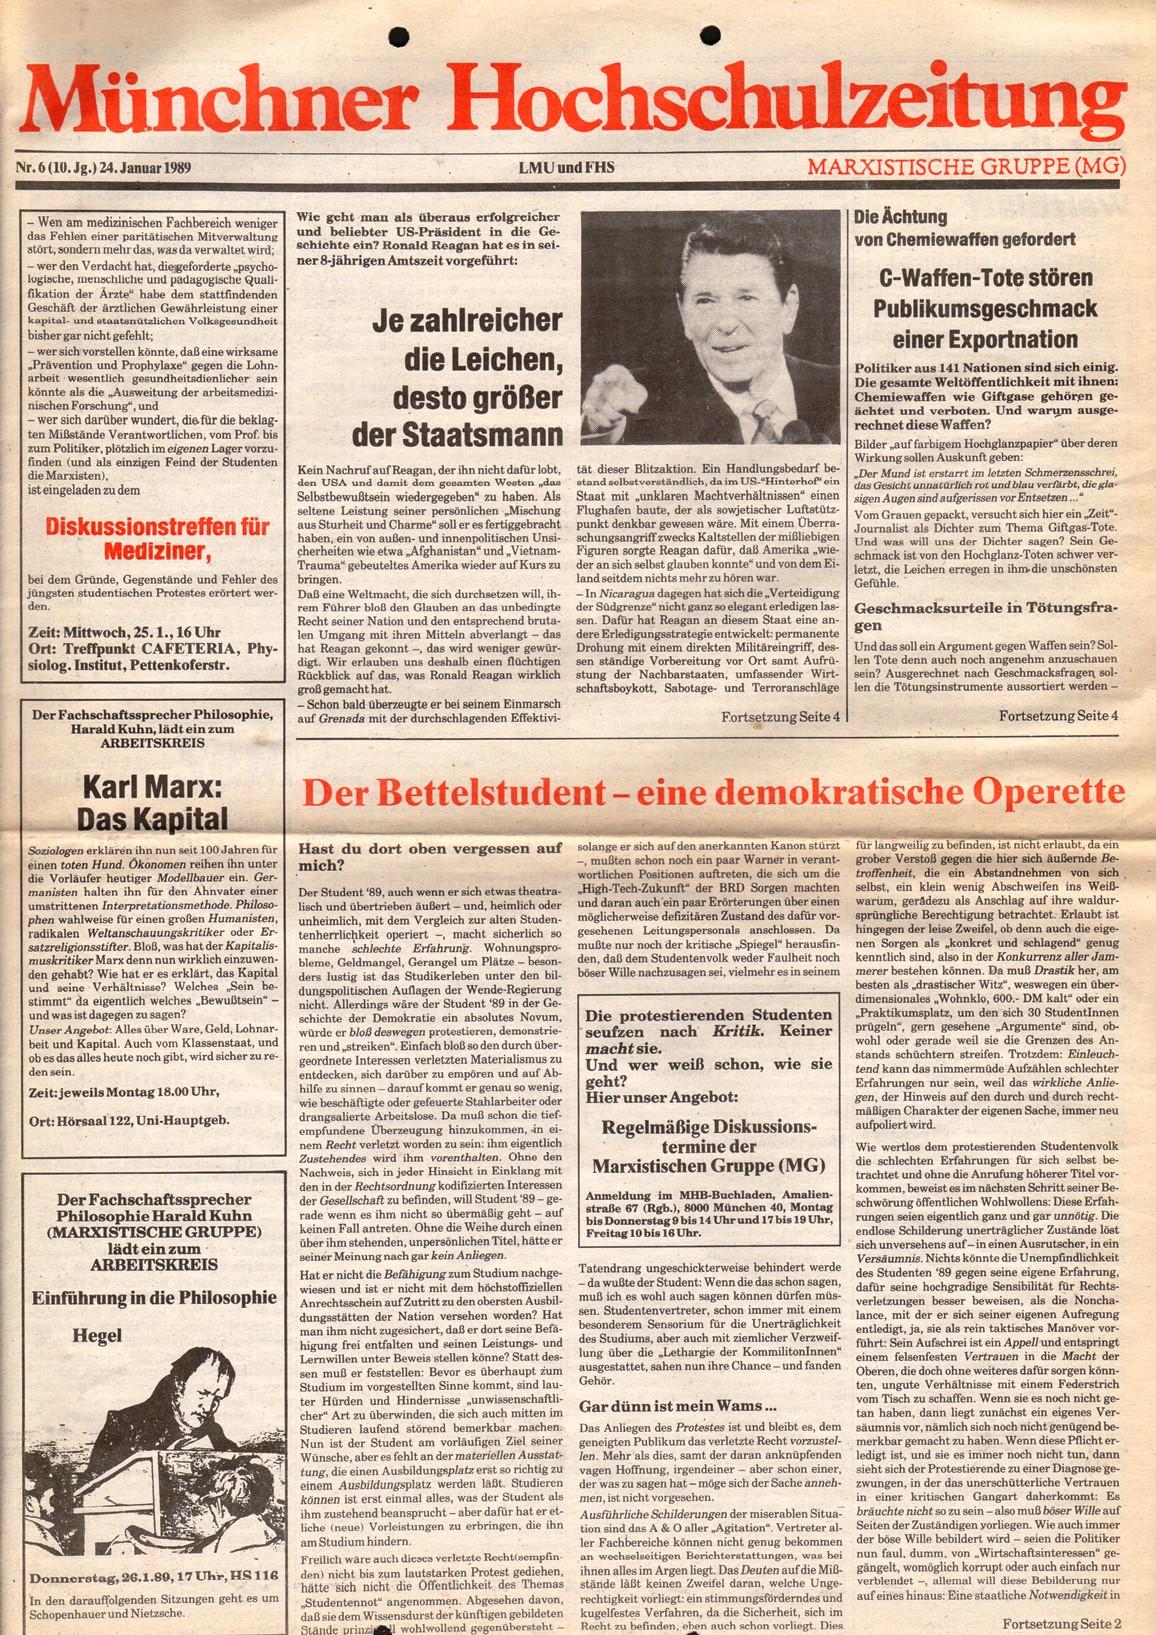 Muenchen_MG_Hochschulzeitung_19890124_01